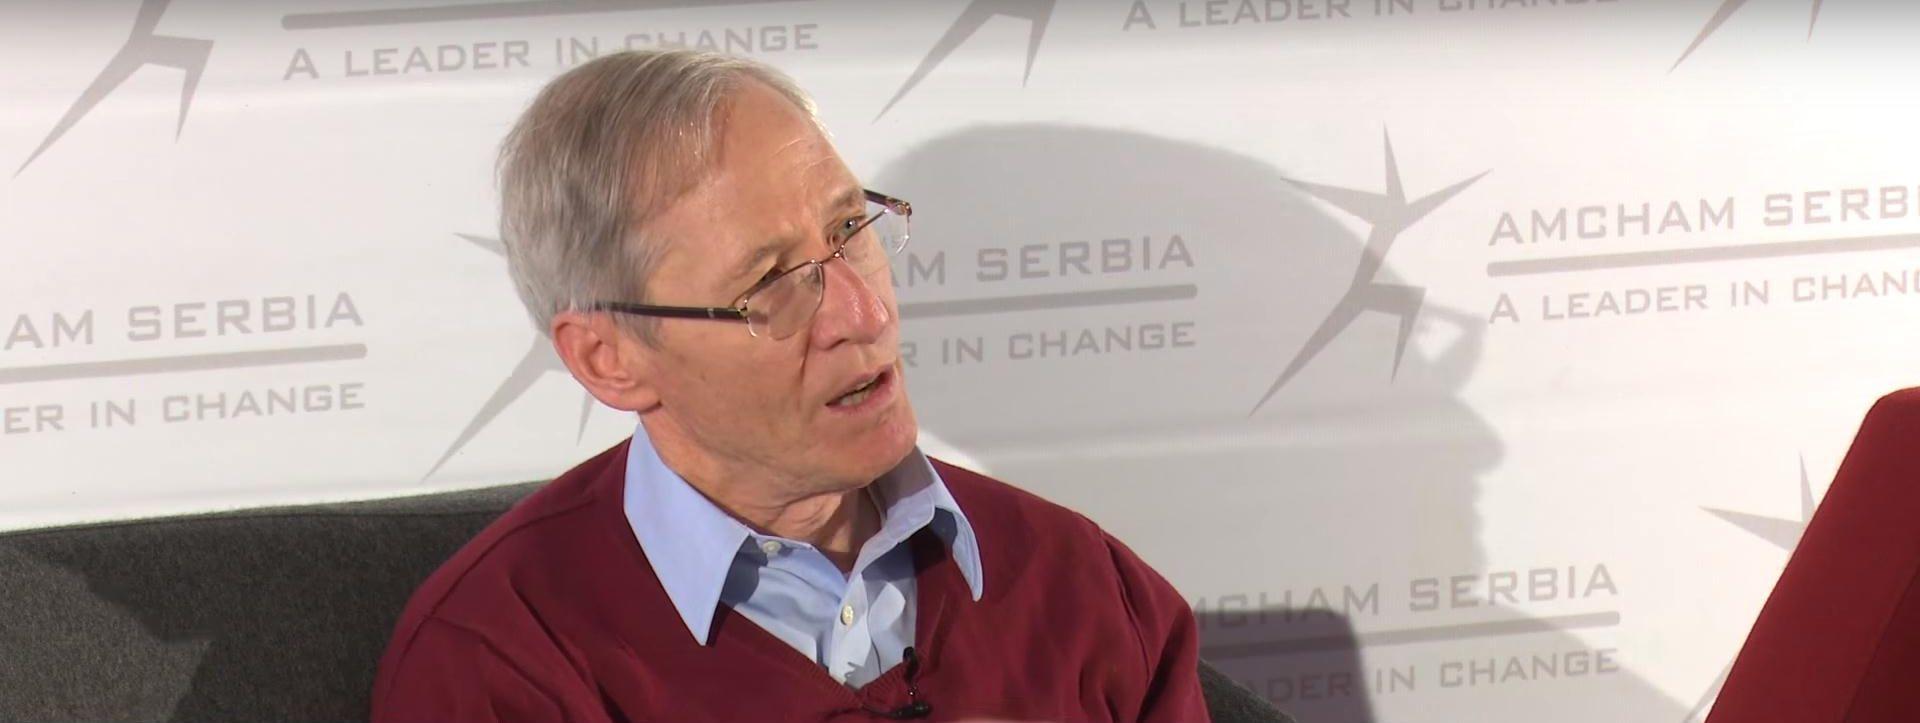 AMERIČKI VELEPOSLANIK Kriza u odnosima Srbije i Hrvatske zbog oružja nije ozbiljna